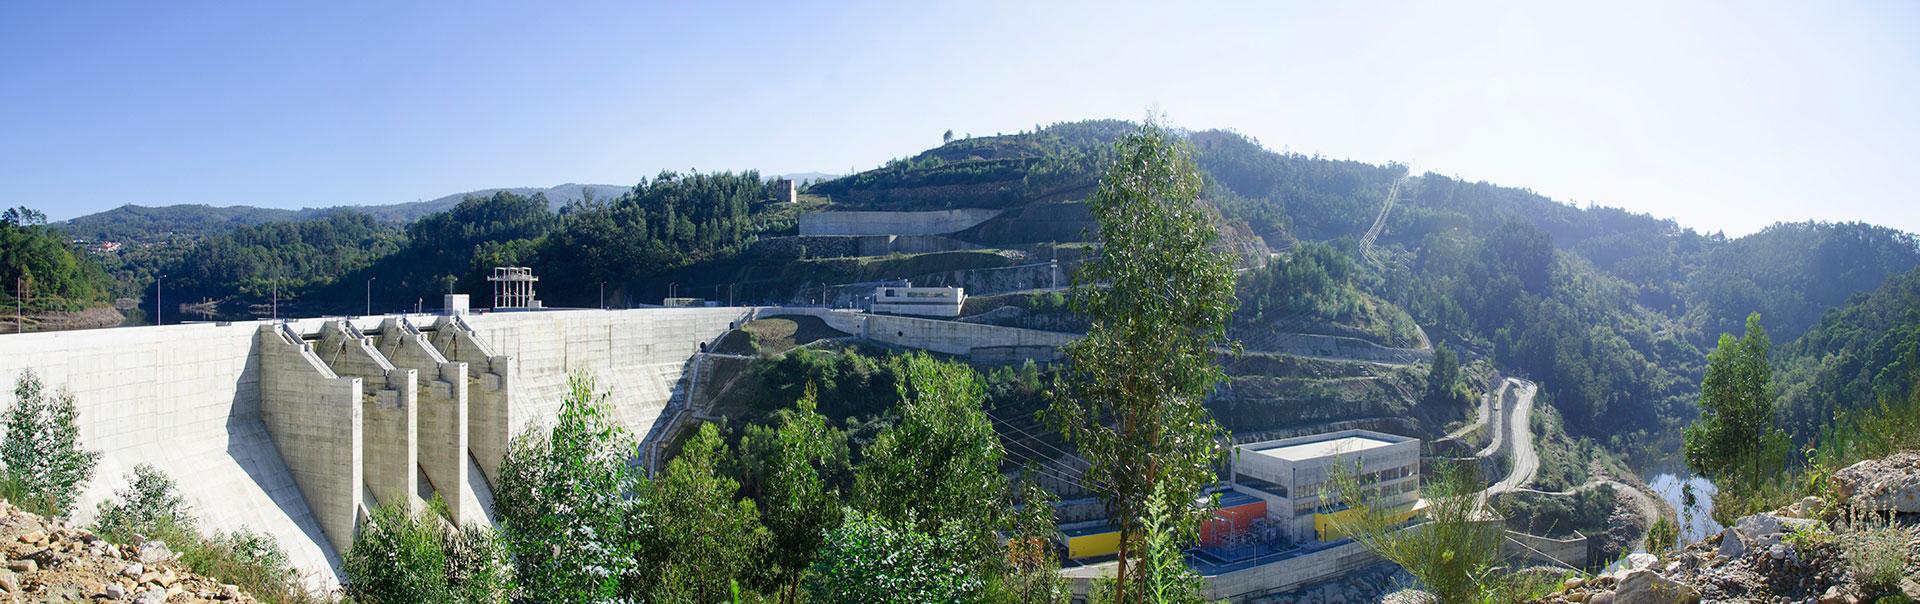 barragem ribeiradio